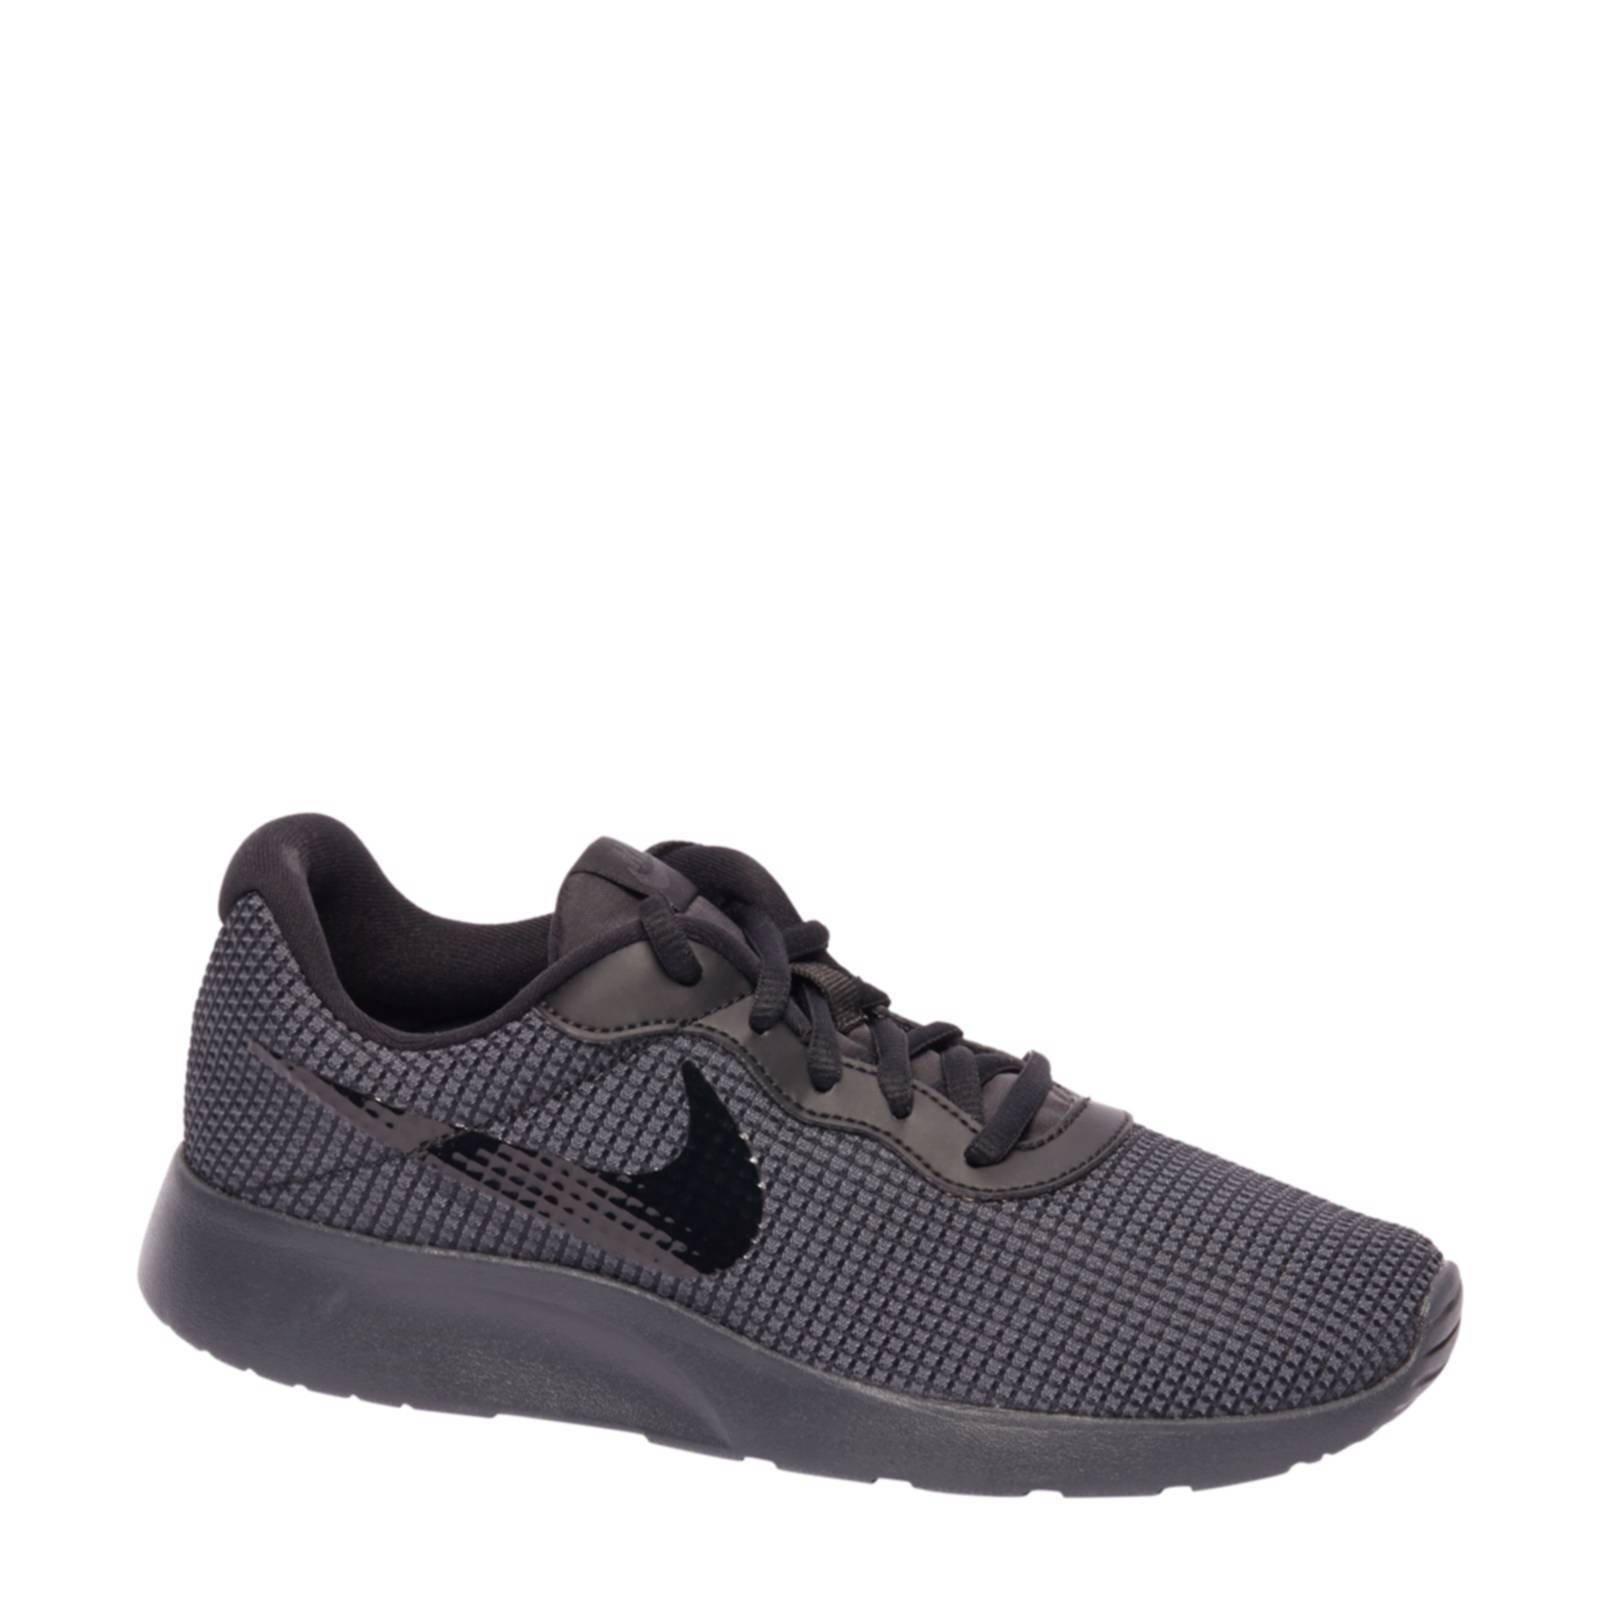 in stock 9408d 107d7 Nike Tanjun SE sneakers  wehkamp